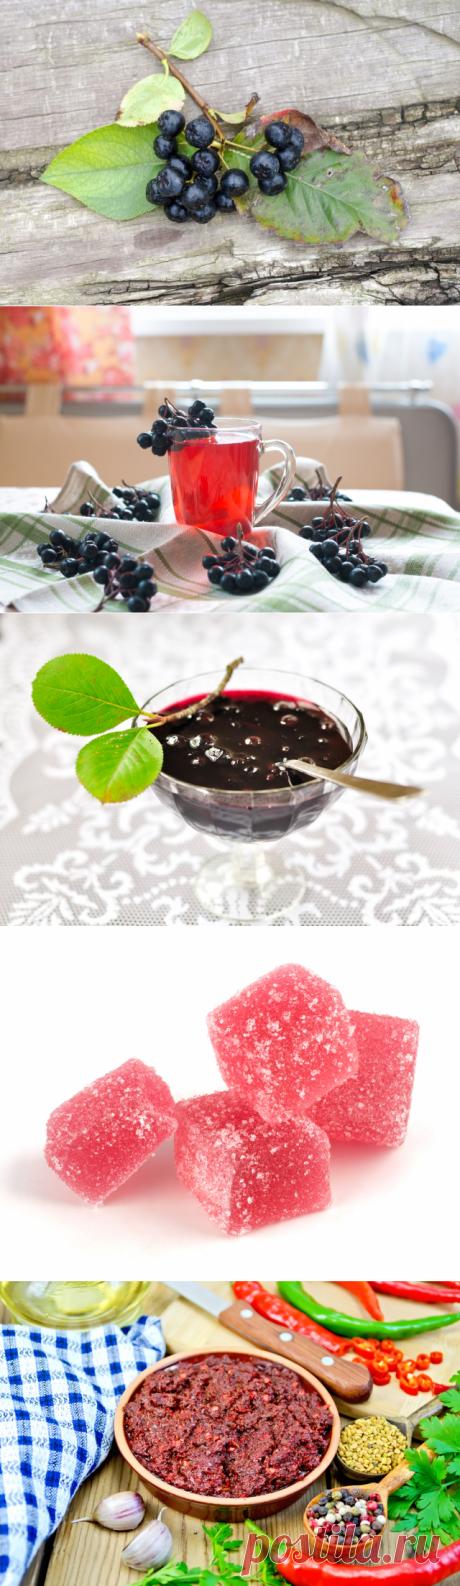 Черноплодная рябина. Как справиться с урожаем осенних ягод | Продукты и напитки | Кухня | Аргументы и Факты